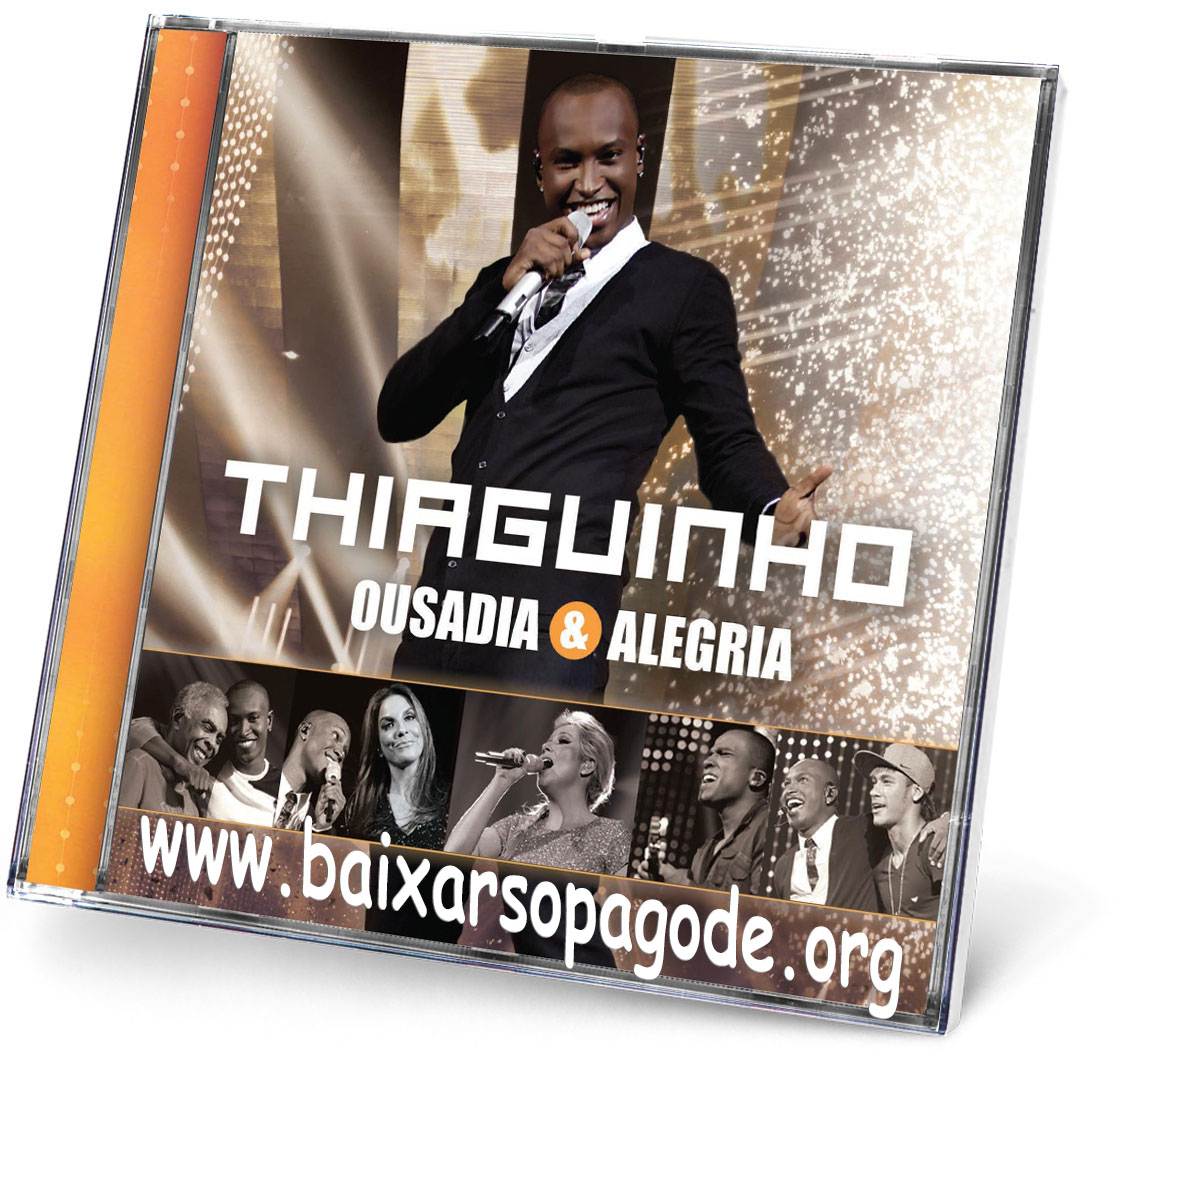 CD Thiaguinho – Ousadia & Alegria (2012)